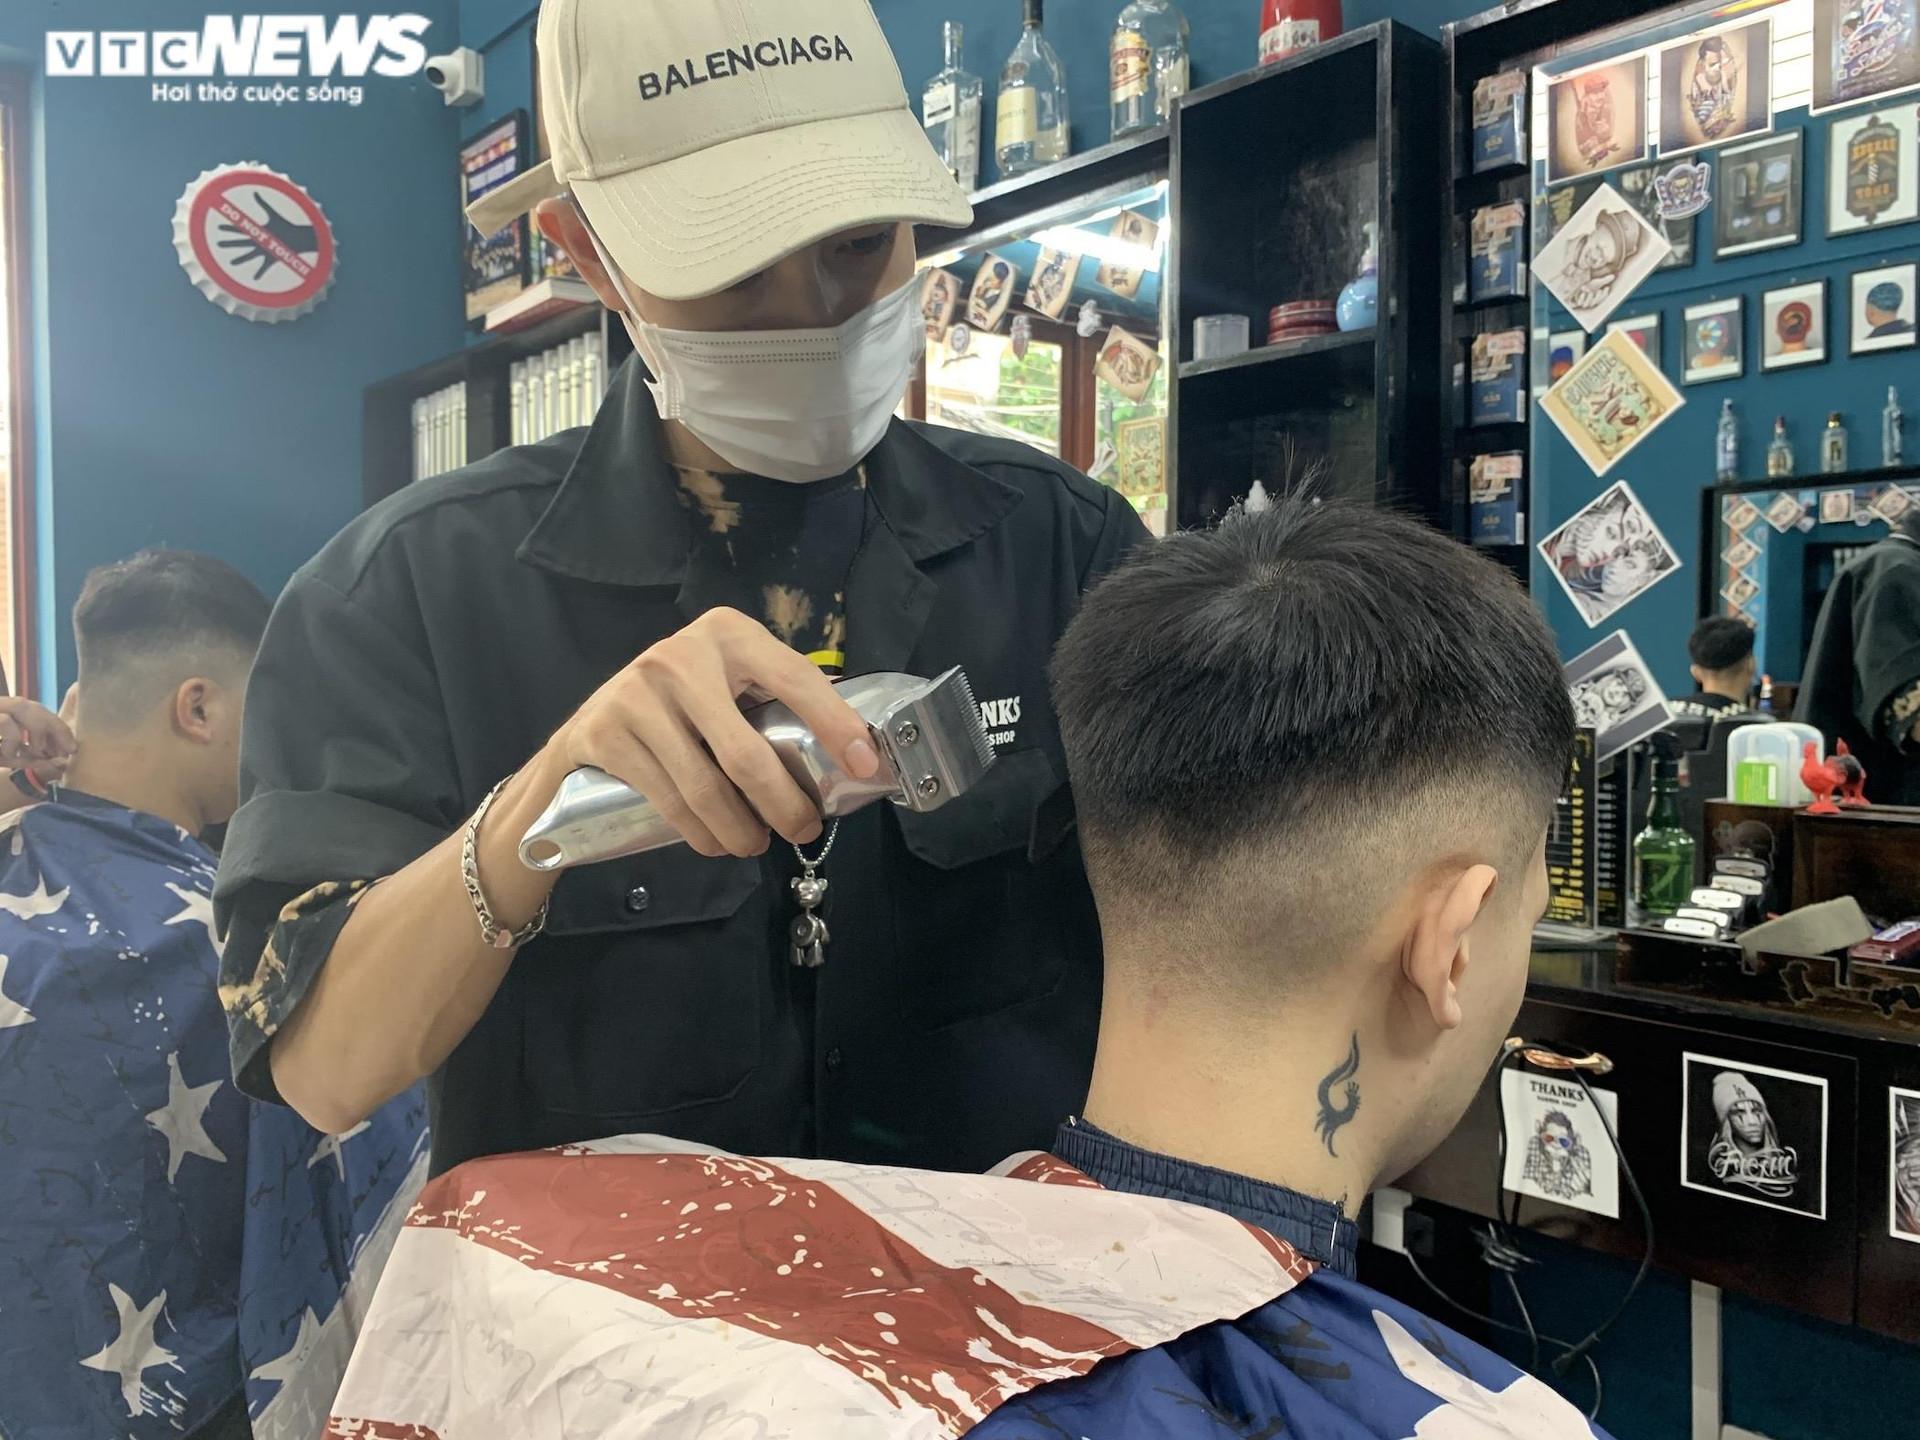 Hà Nội ngày đầu nới lỏng, thợ cắt tóc làm không kịp nghỉ - 12